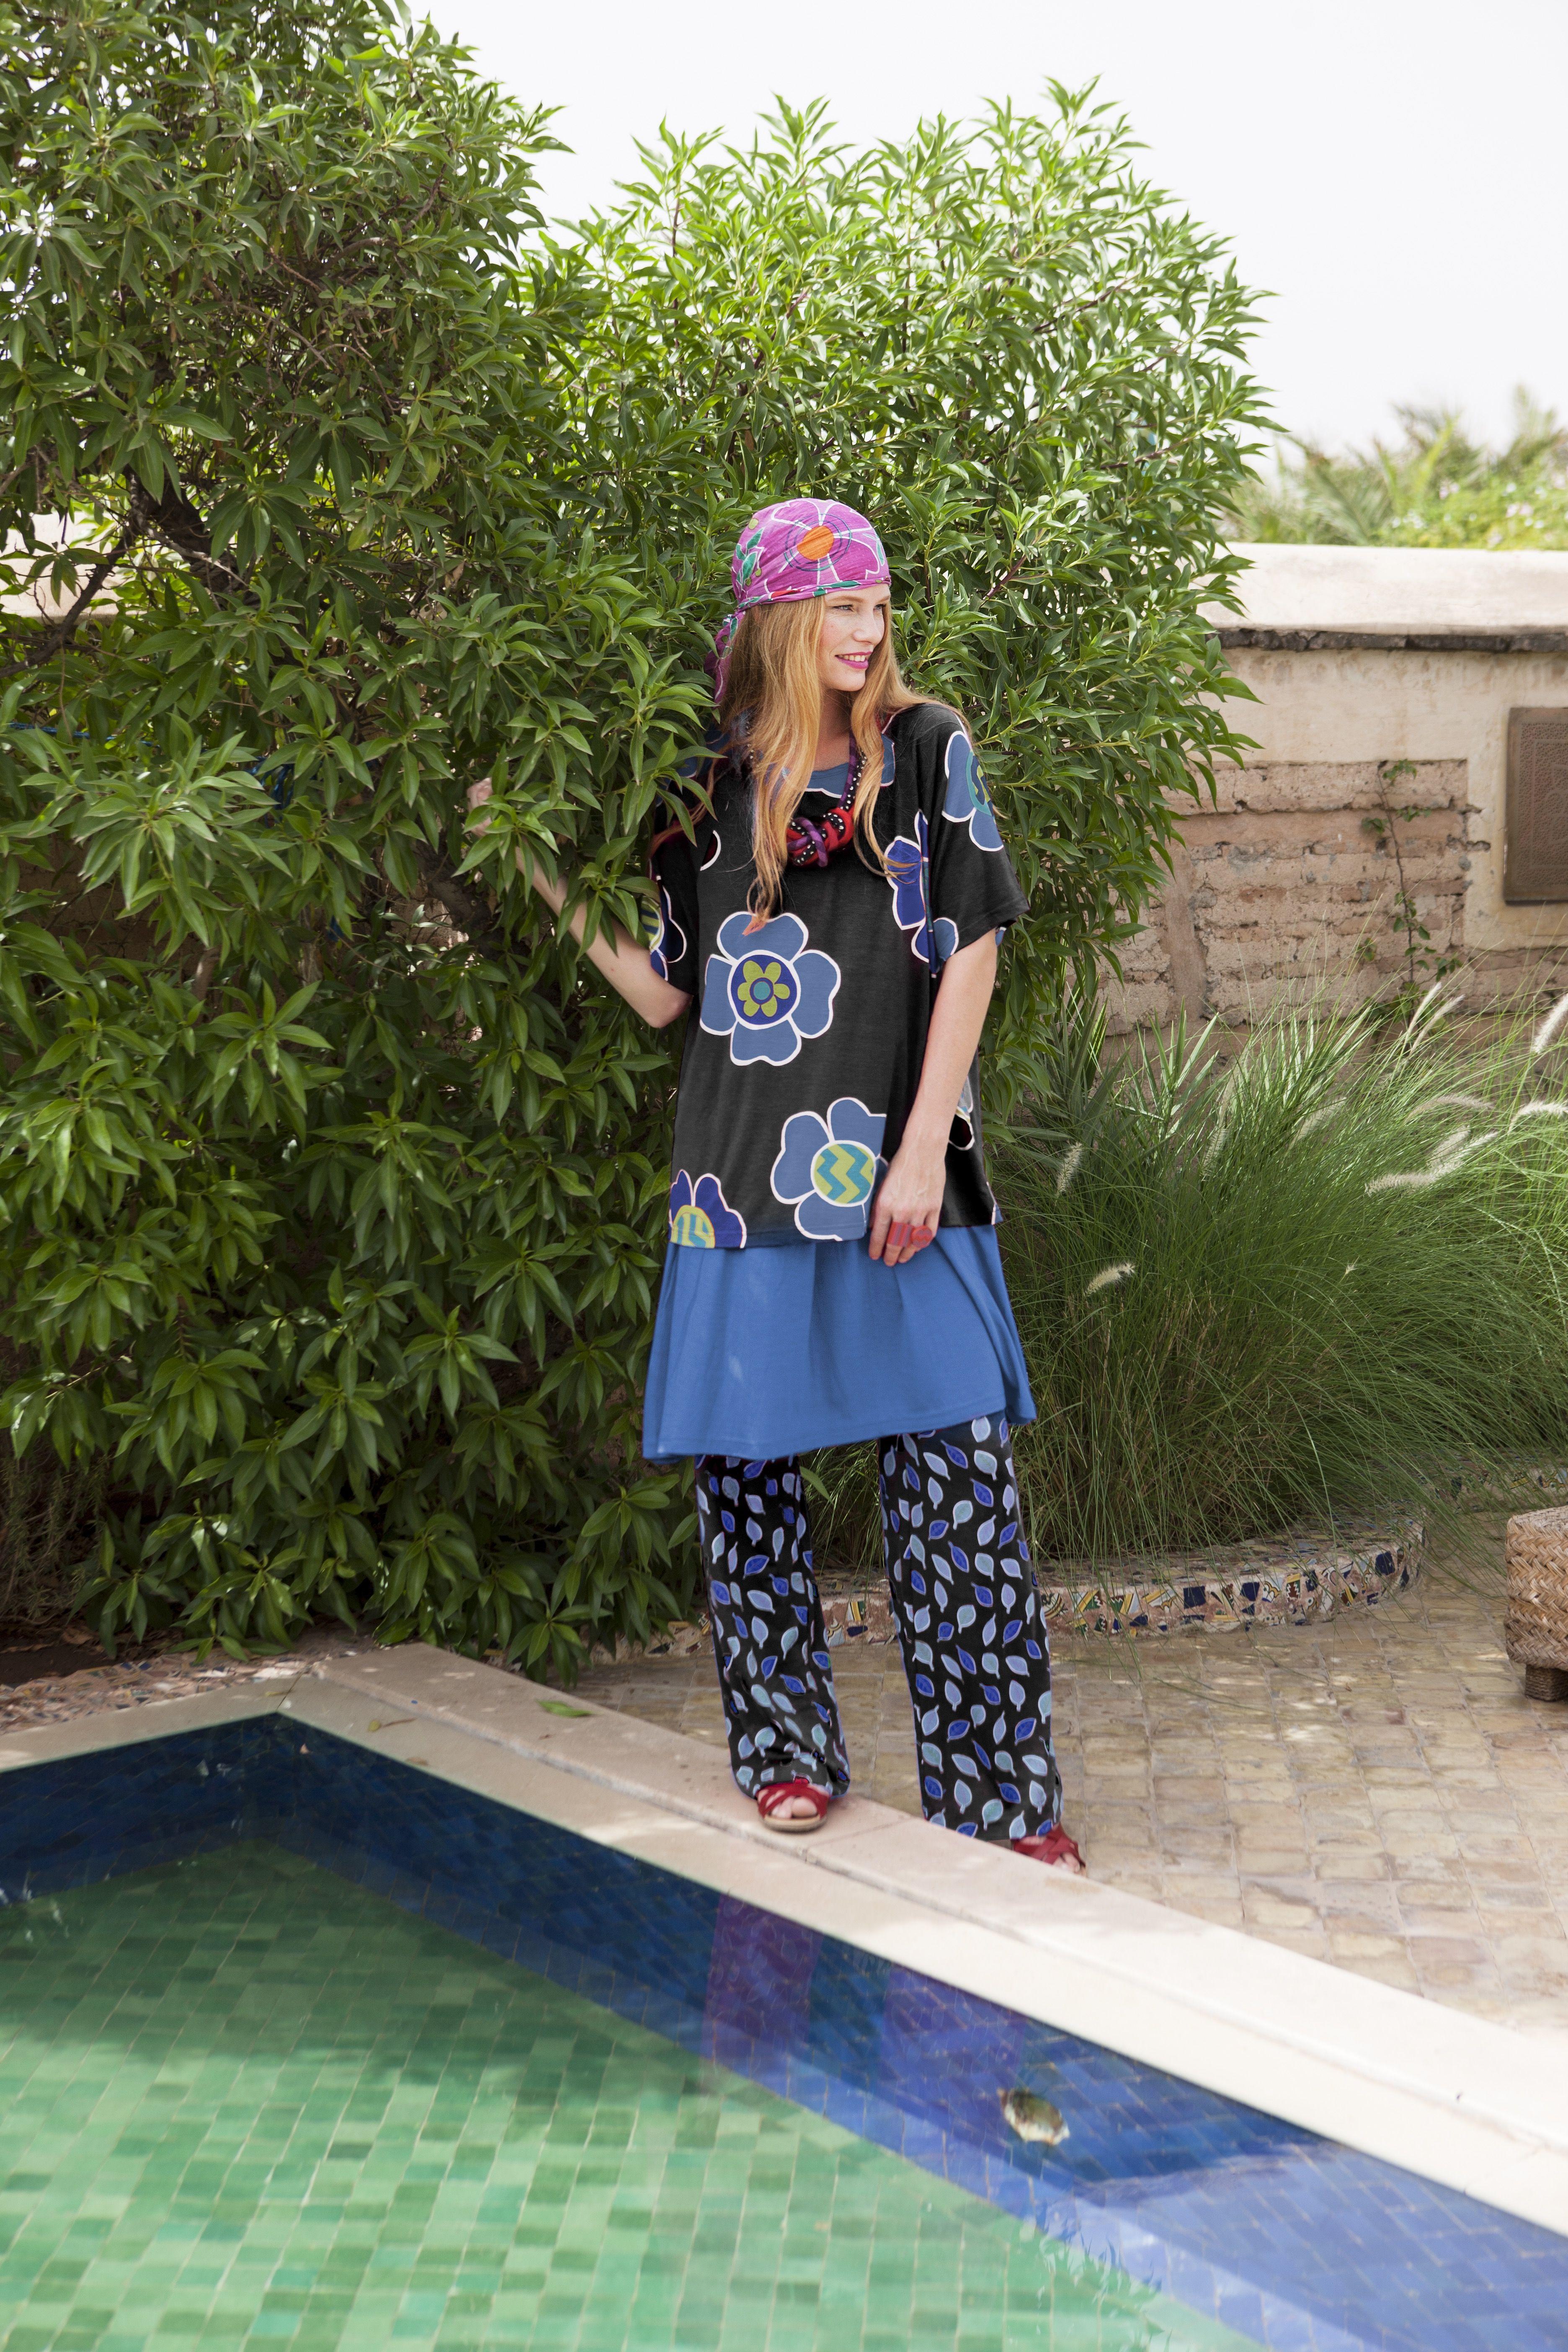 Gudrun Sjödéns Sommerkollektion 2015 - Das Shirt Flox passt wunderbar zu Einfarbigen wie auch zu anderen Mustern - Hauptsache die Farben stimmen!